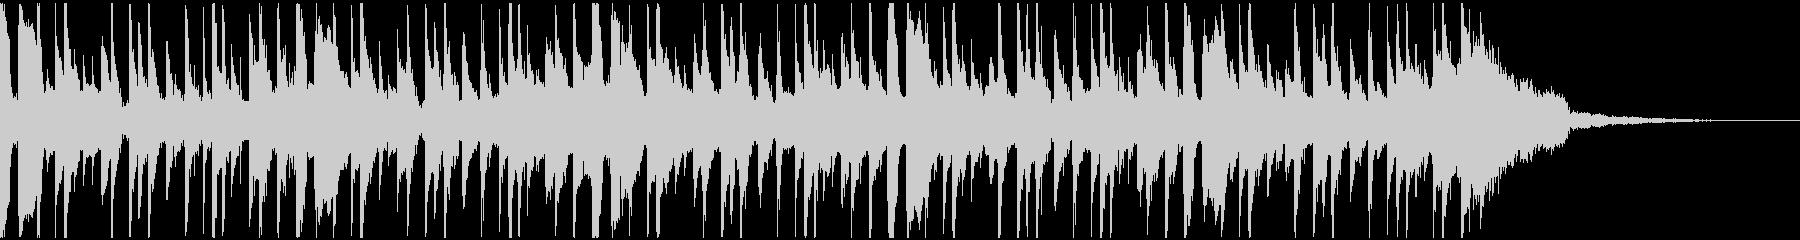 シンセ、SFX、バヤン、バラライカ...の未再生の波形